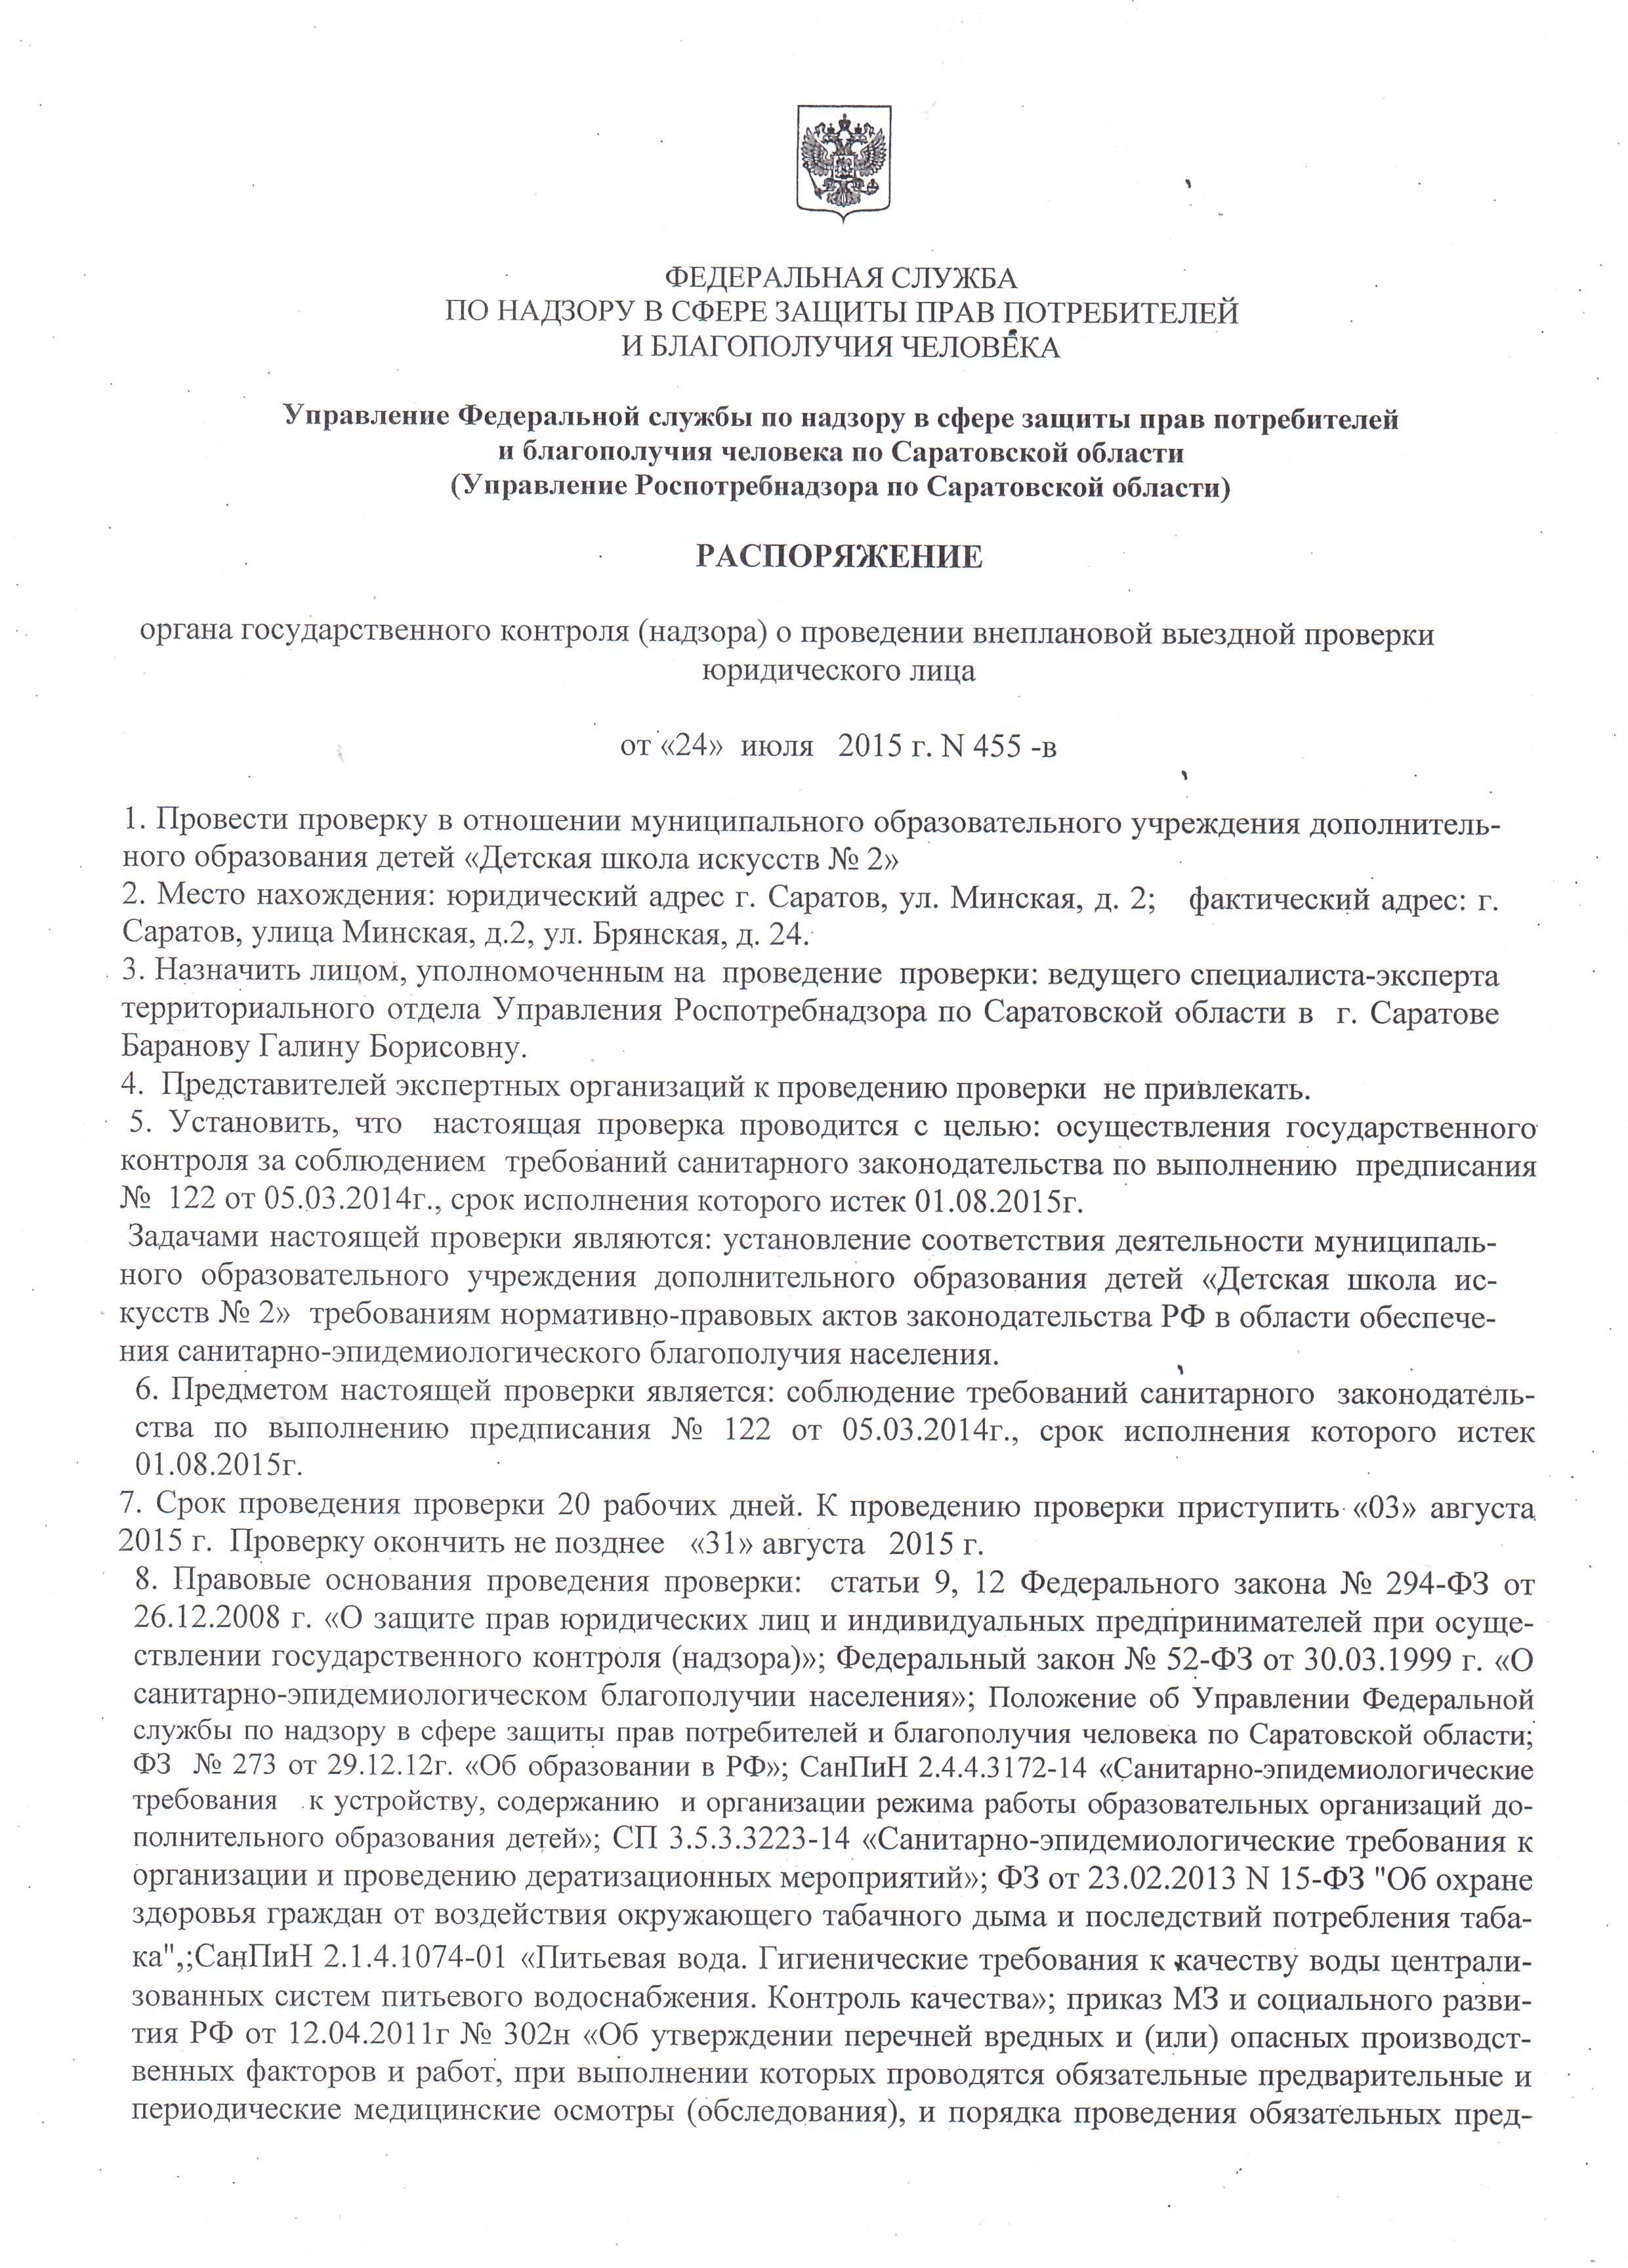 Инструкция по проведению проверок роспотребнадзором